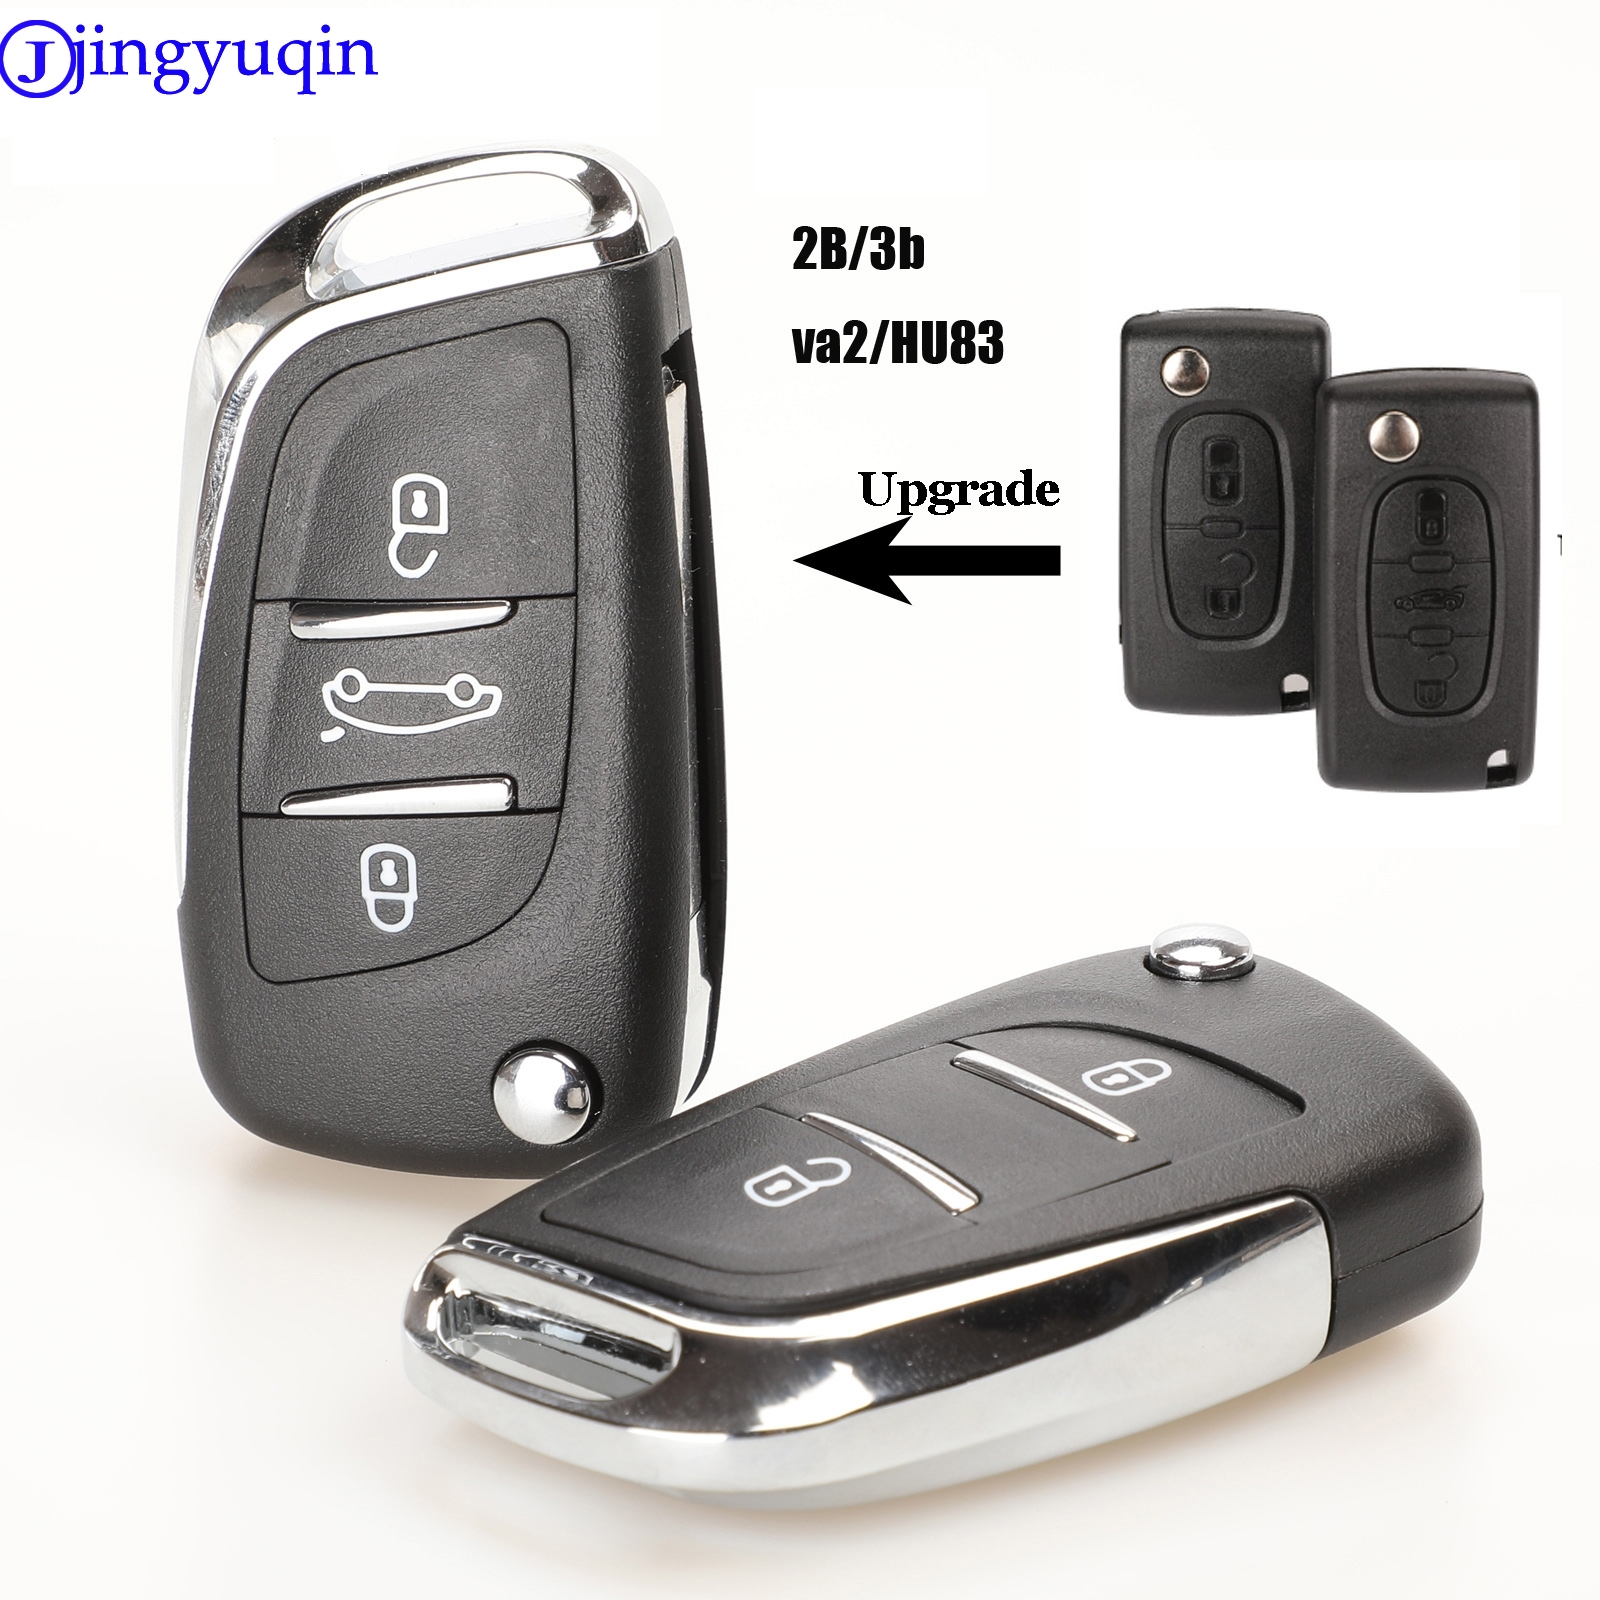 Jingyuqin CE0536 Модифицированная откидная оболочка ключа дистанционного управления для Peugeot 307 408 308 для Citroen C-Triomphe C-Quatre C3 C4L C5